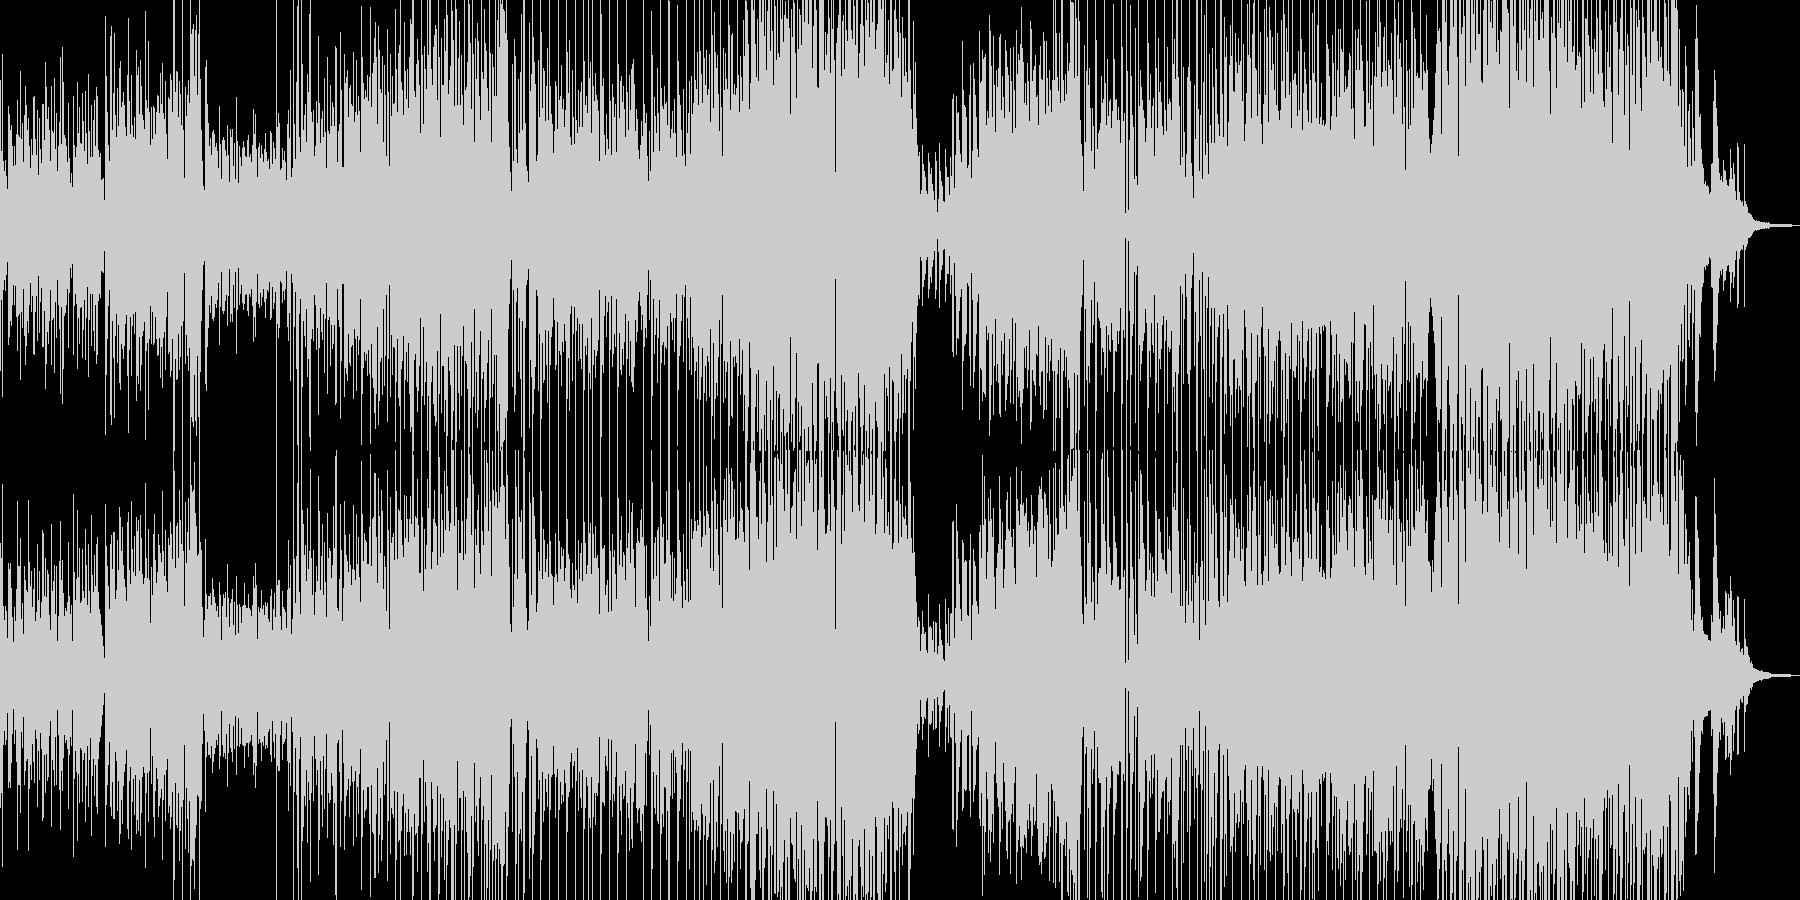 手風琴とギター・寛げる可憐なジャズ Bの未再生の波形